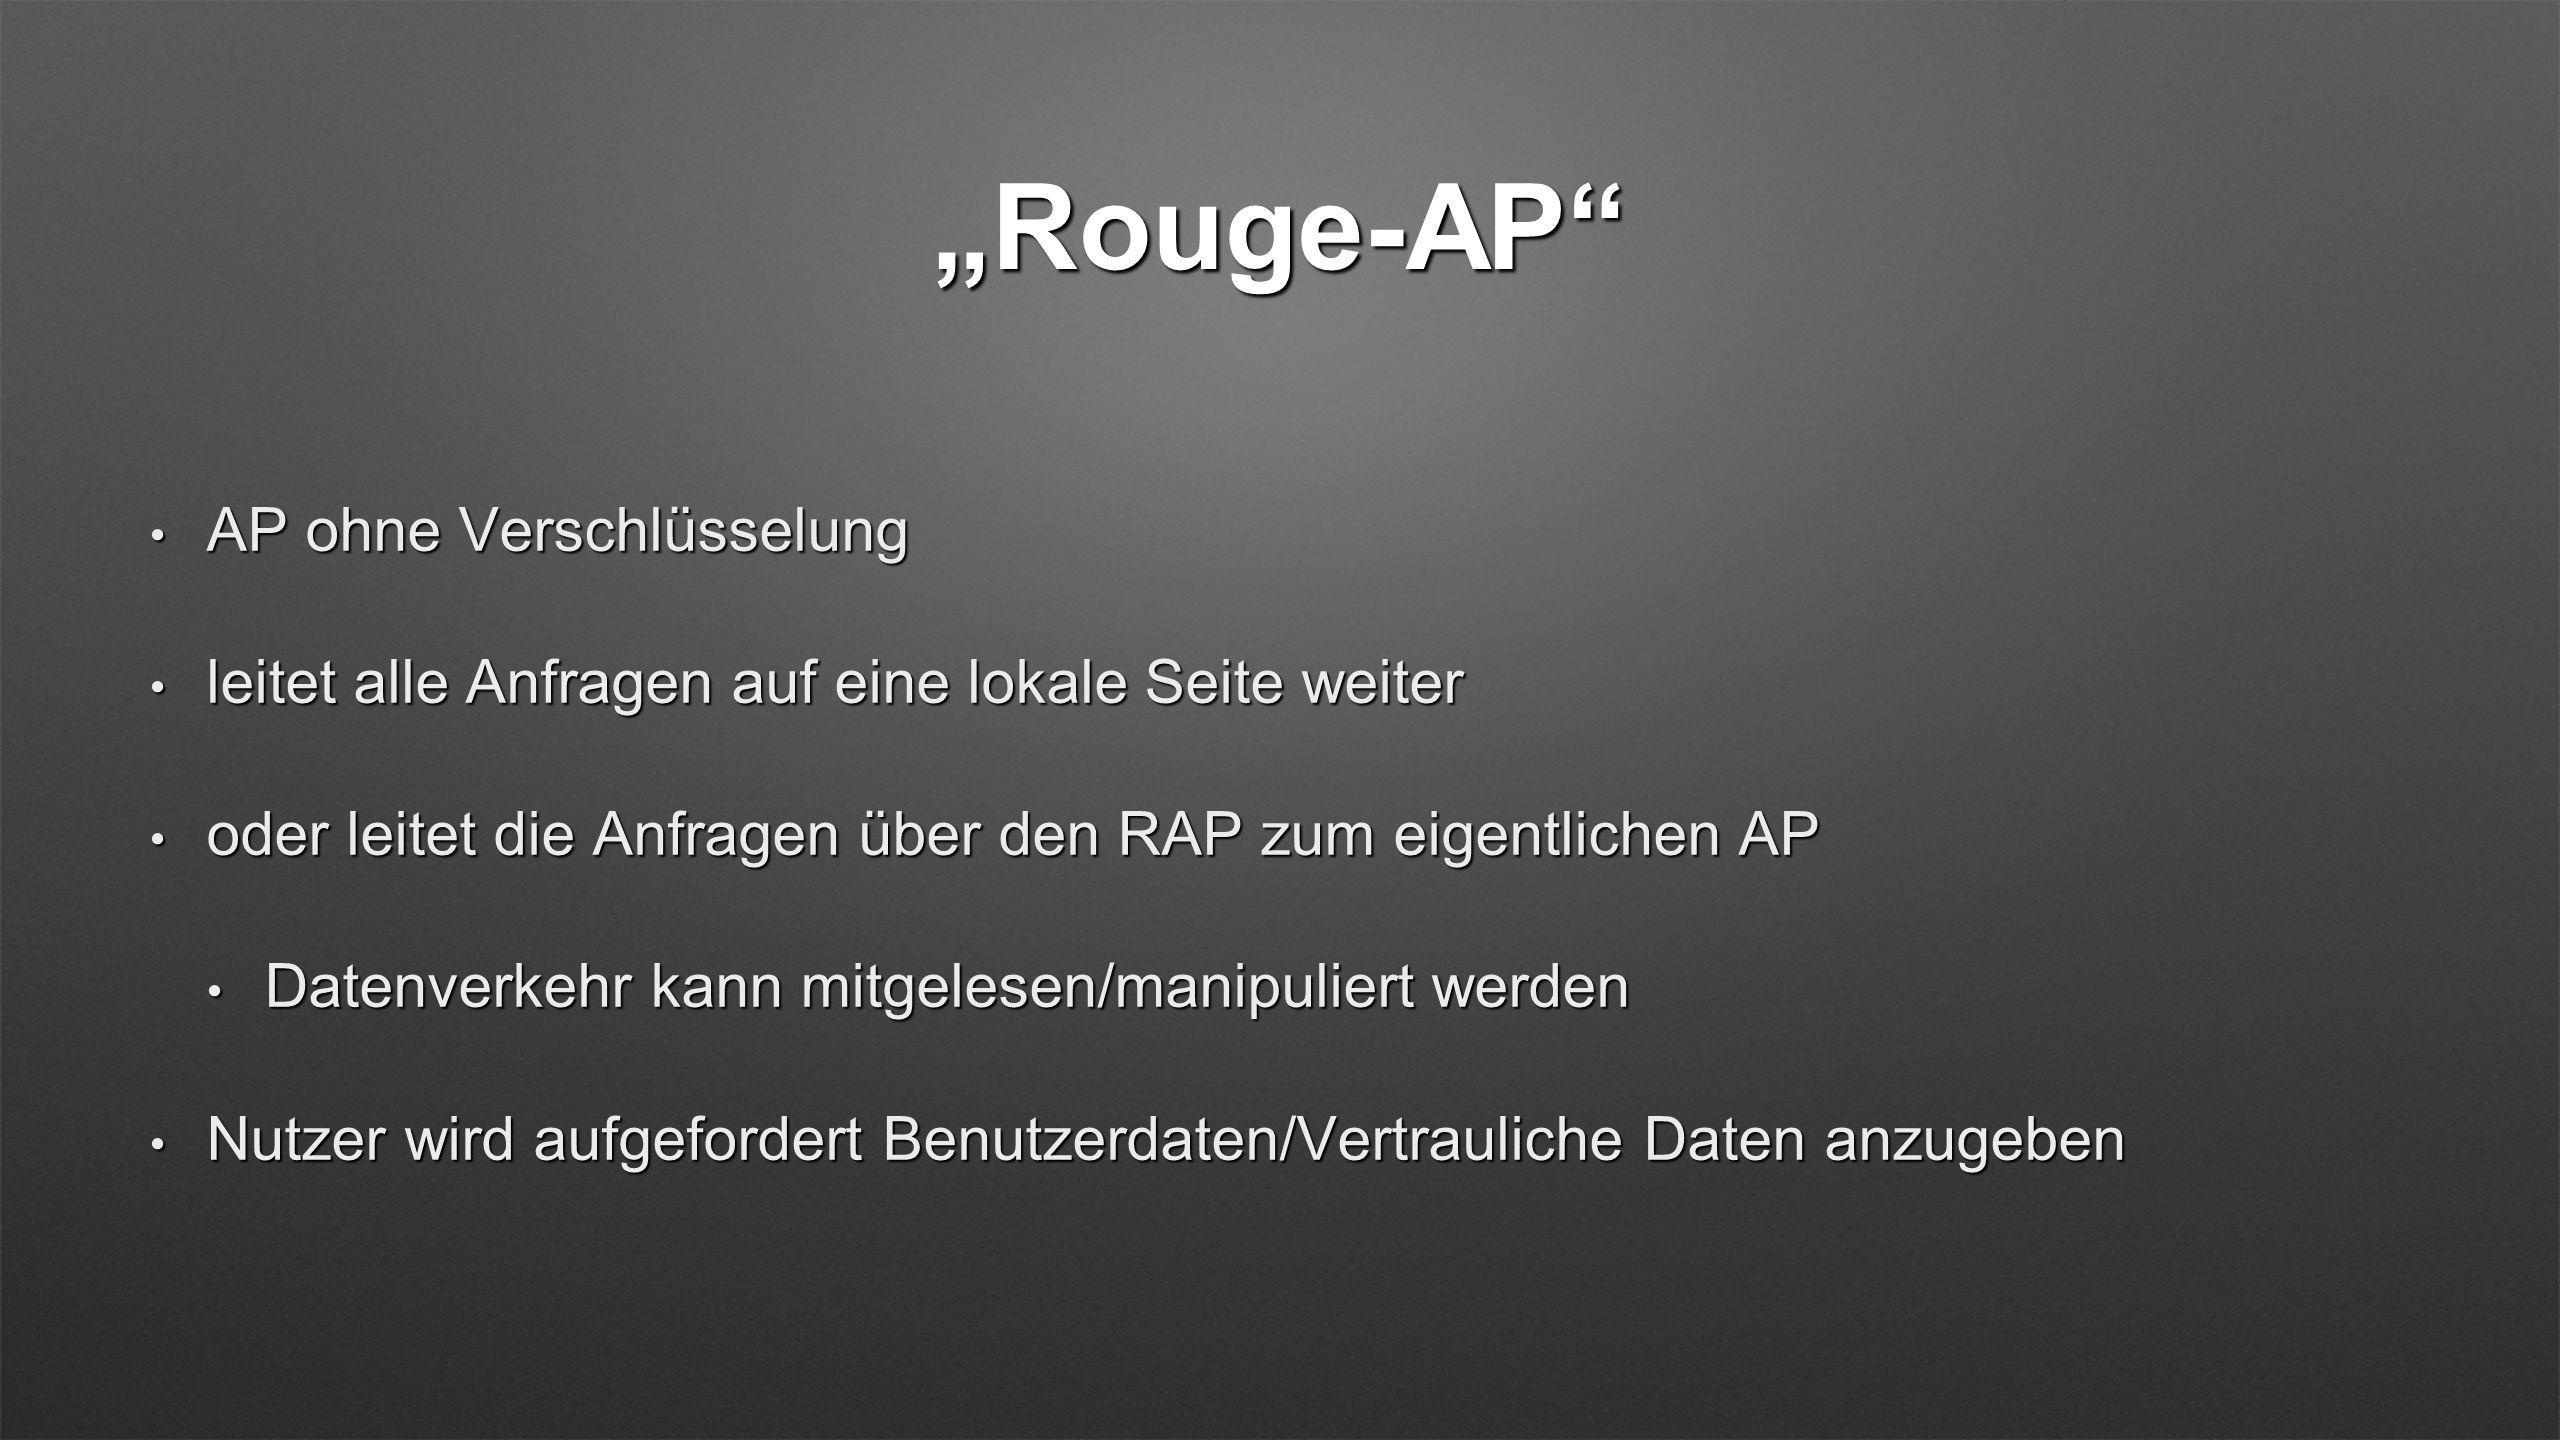 Rouge-AP AP ohne Verschlüsselung AP ohne Verschlüsselung leitet alle Anfragen auf eine lokale Seite weiter leitet alle Anfragen auf eine lokale Seite weiter oder leitet die Anfragen über den RAP zum eigentlichen AP oder leitet die Anfragen über den RAP zum eigentlichen AP Datenverkehr kann mitgelesen/manipuliert werden Datenverkehr kann mitgelesen/manipuliert werden Nutzer wird aufgefordert Benutzerdaten/Vertrauliche Daten anzugeben Nutzer wird aufgefordert Benutzerdaten/Vertrauliche Daten anzugeben